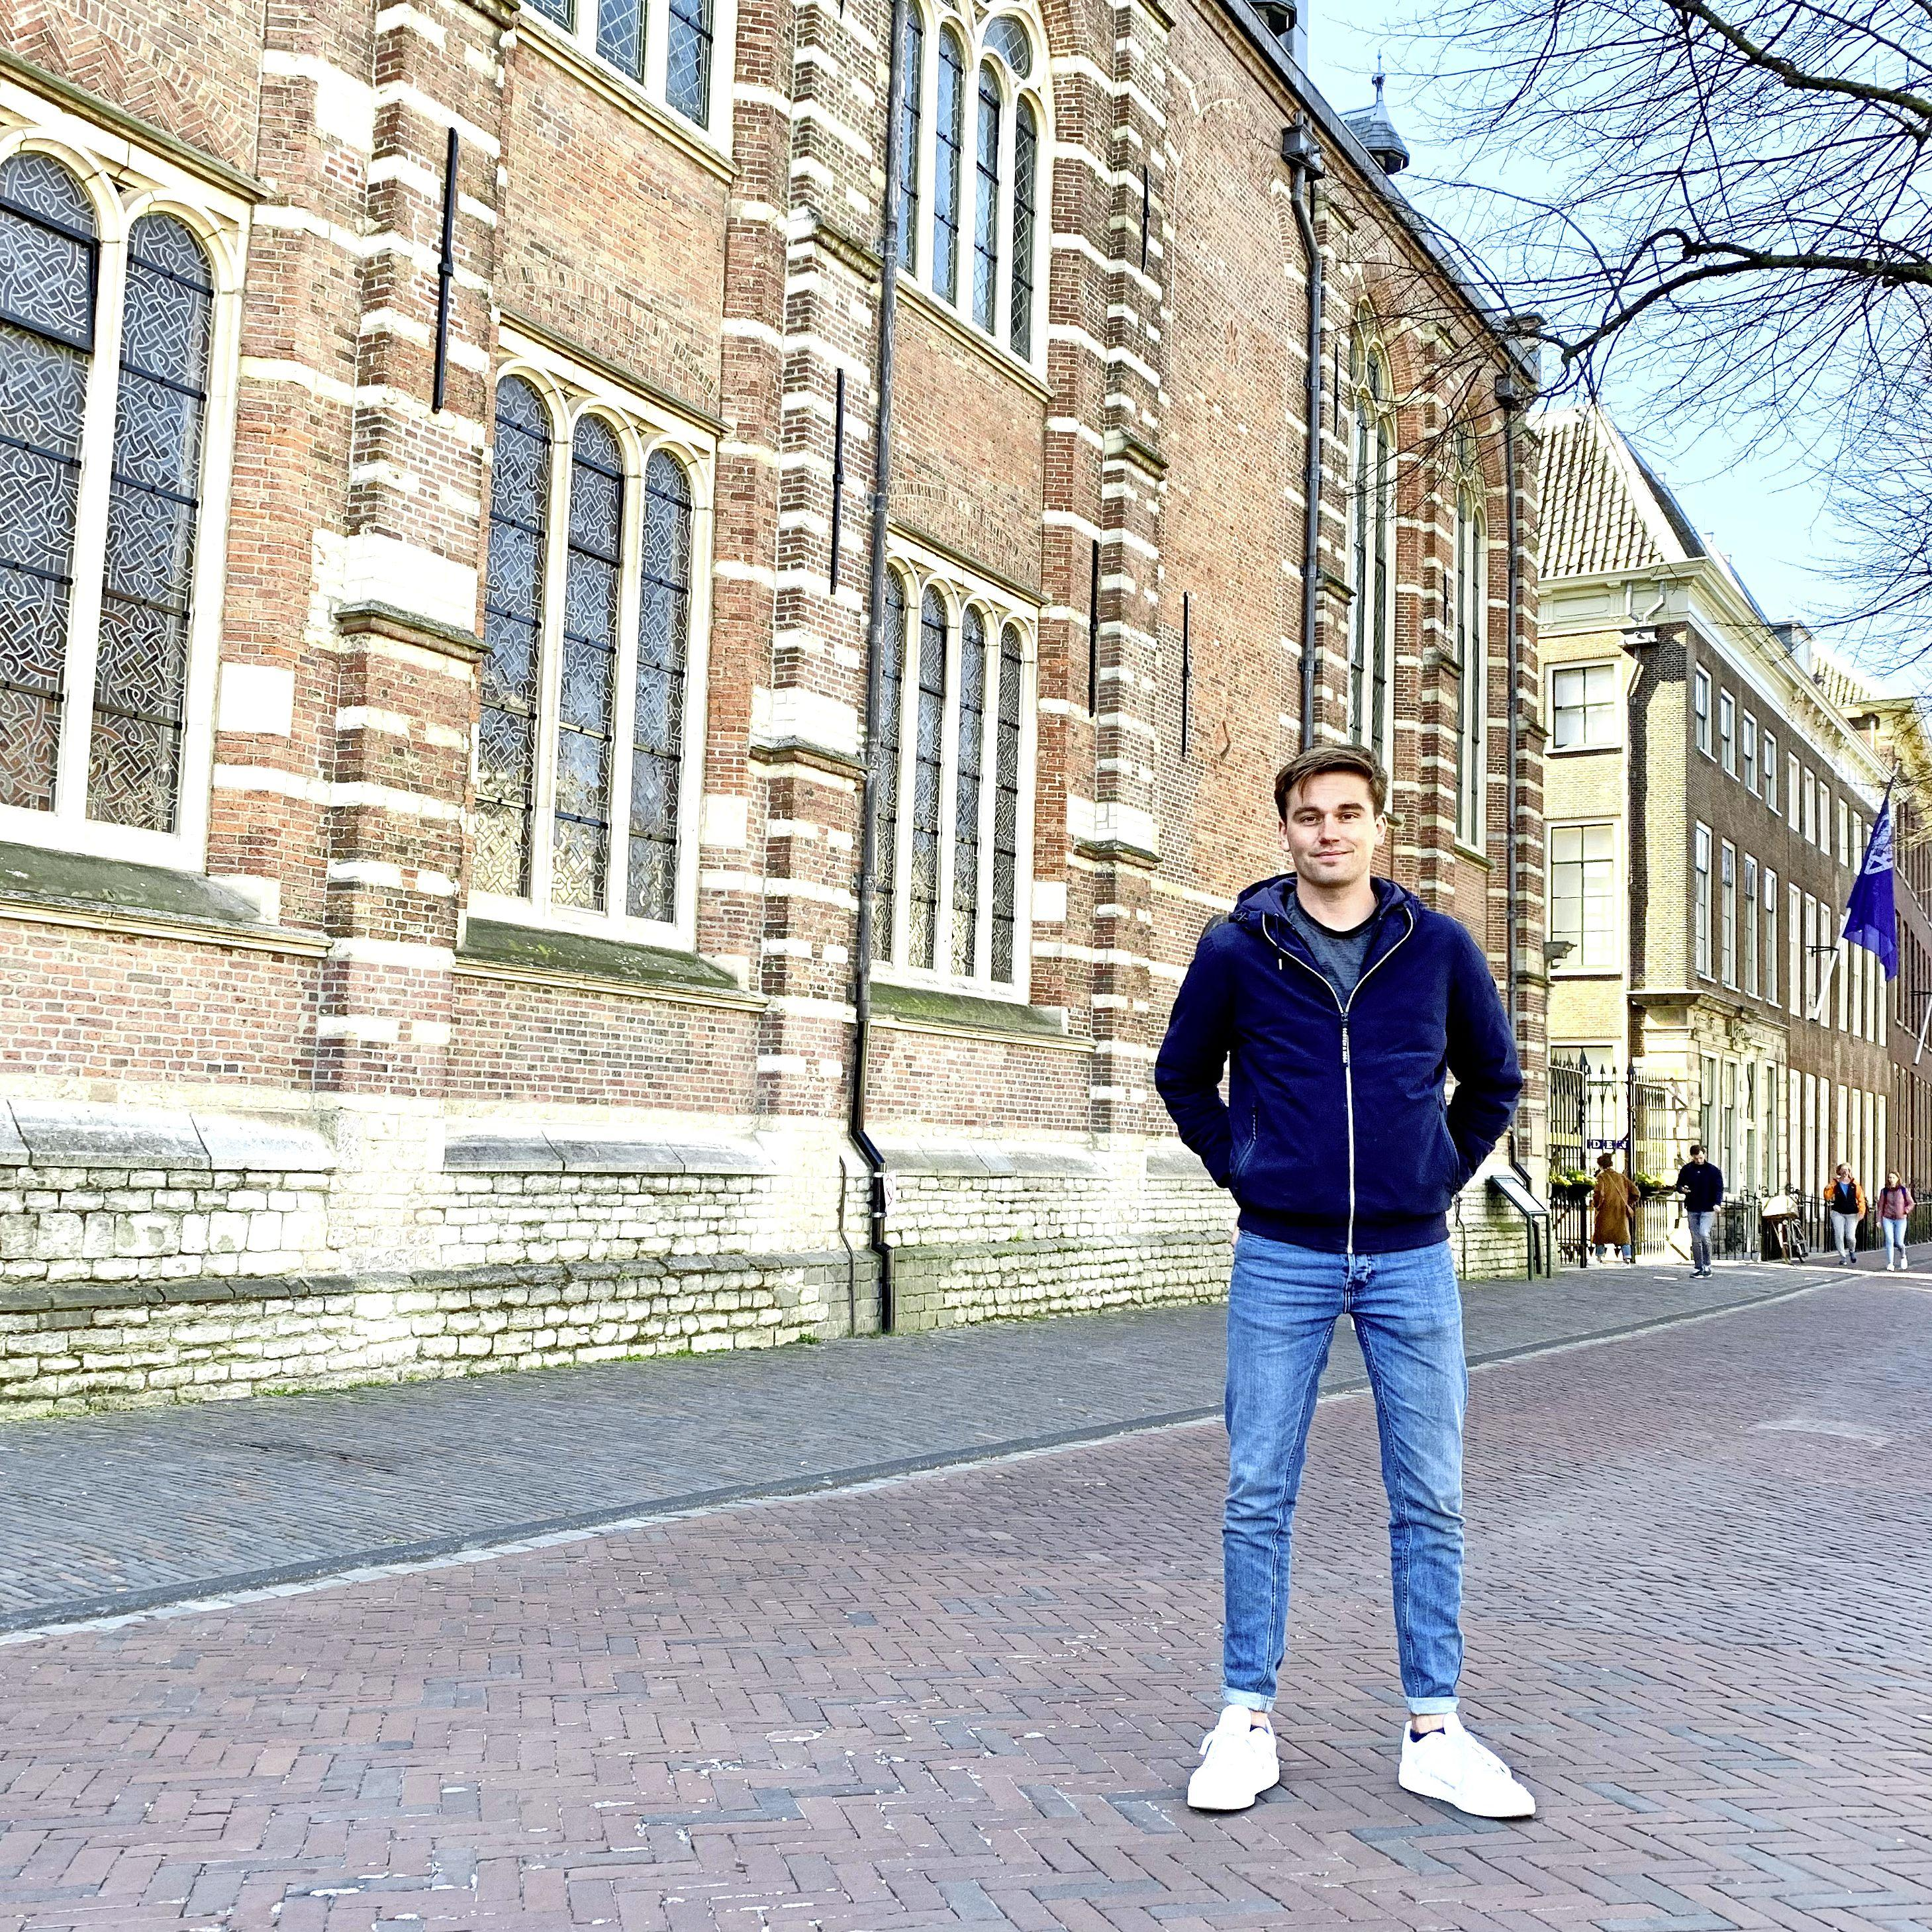 Hoe besloten is het debat over de toekomst van de universiteit? 'Opstellen Strategisch Plan vraagt om transparantie, lef en scherpte'